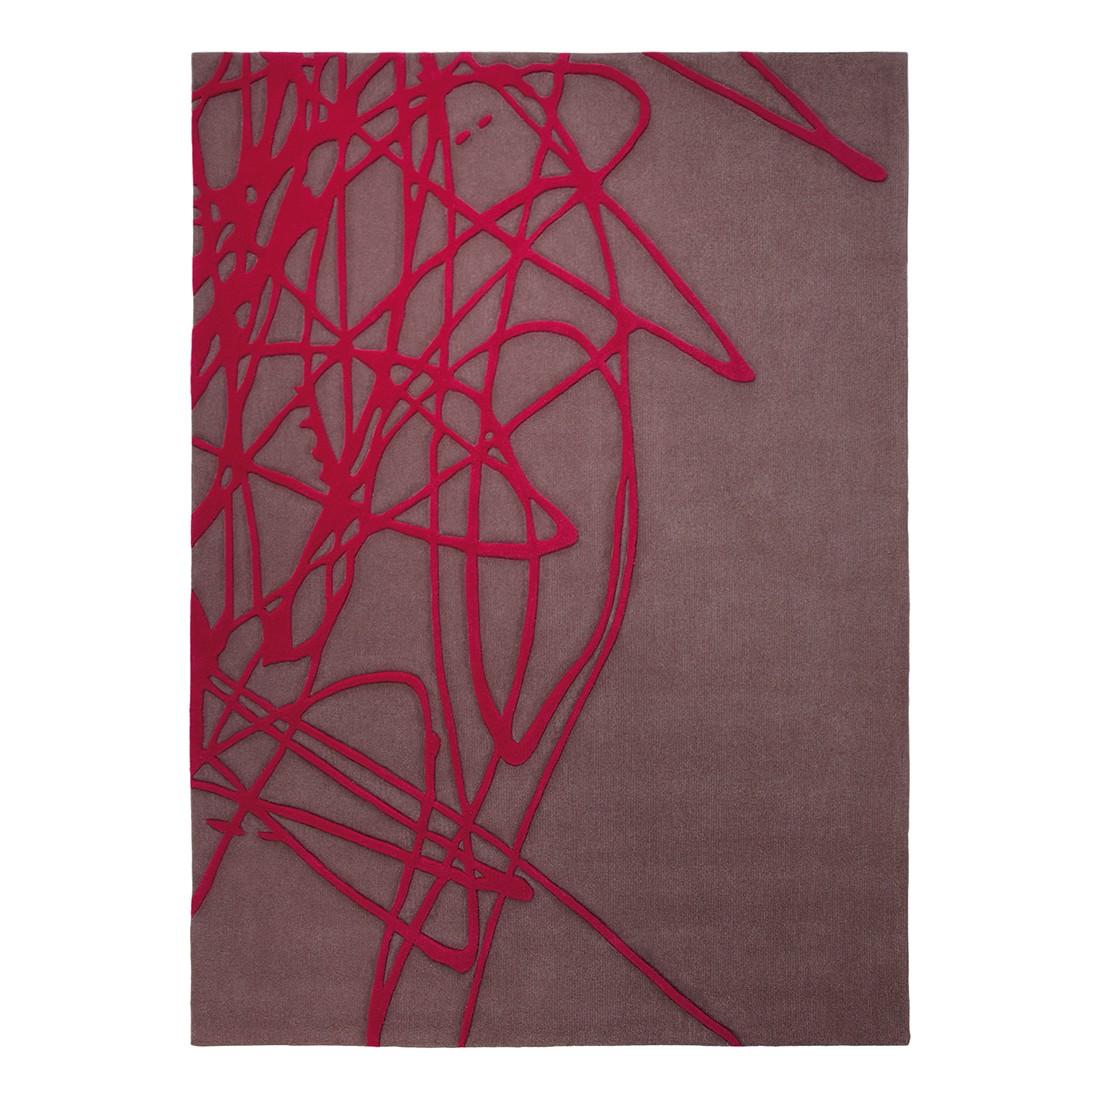 Teppich Brainstorm – Wolle/Taupe – 120 cm x 180 cm, Esprit Home jetzt kaufen